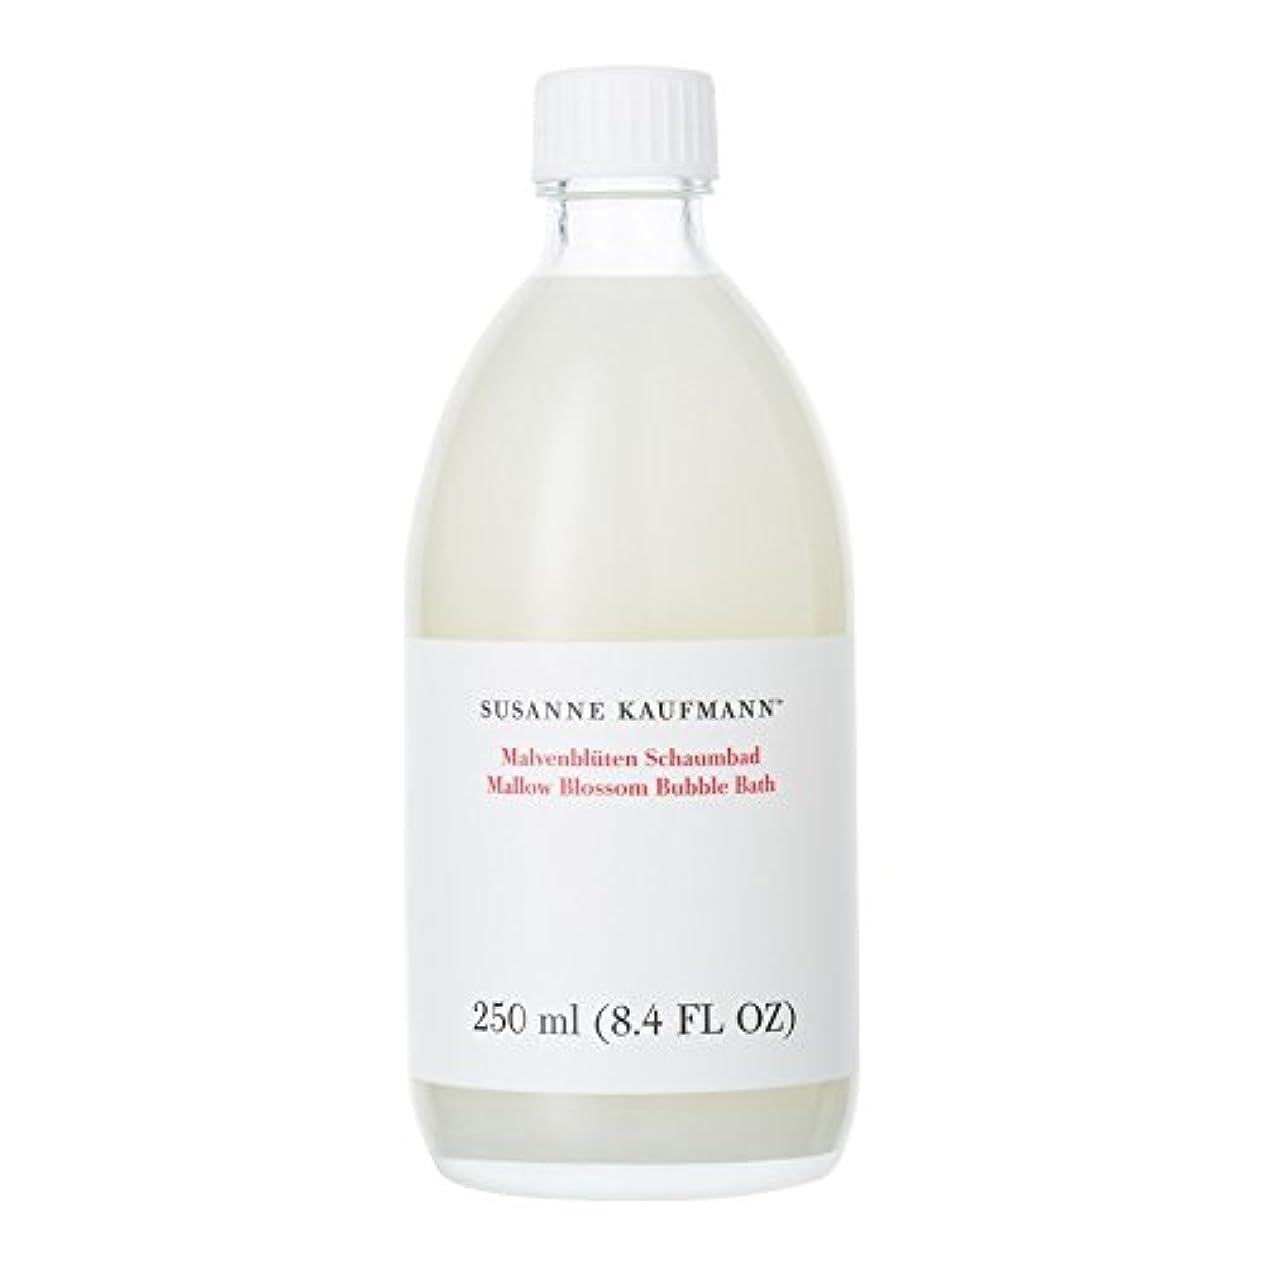 チョップ裕福な十一Susanne Kaufmann Mallow Blossom Bath 250ml - スザンヌカウフマンアオイ花バス250ミリリットル [並行輸入品]